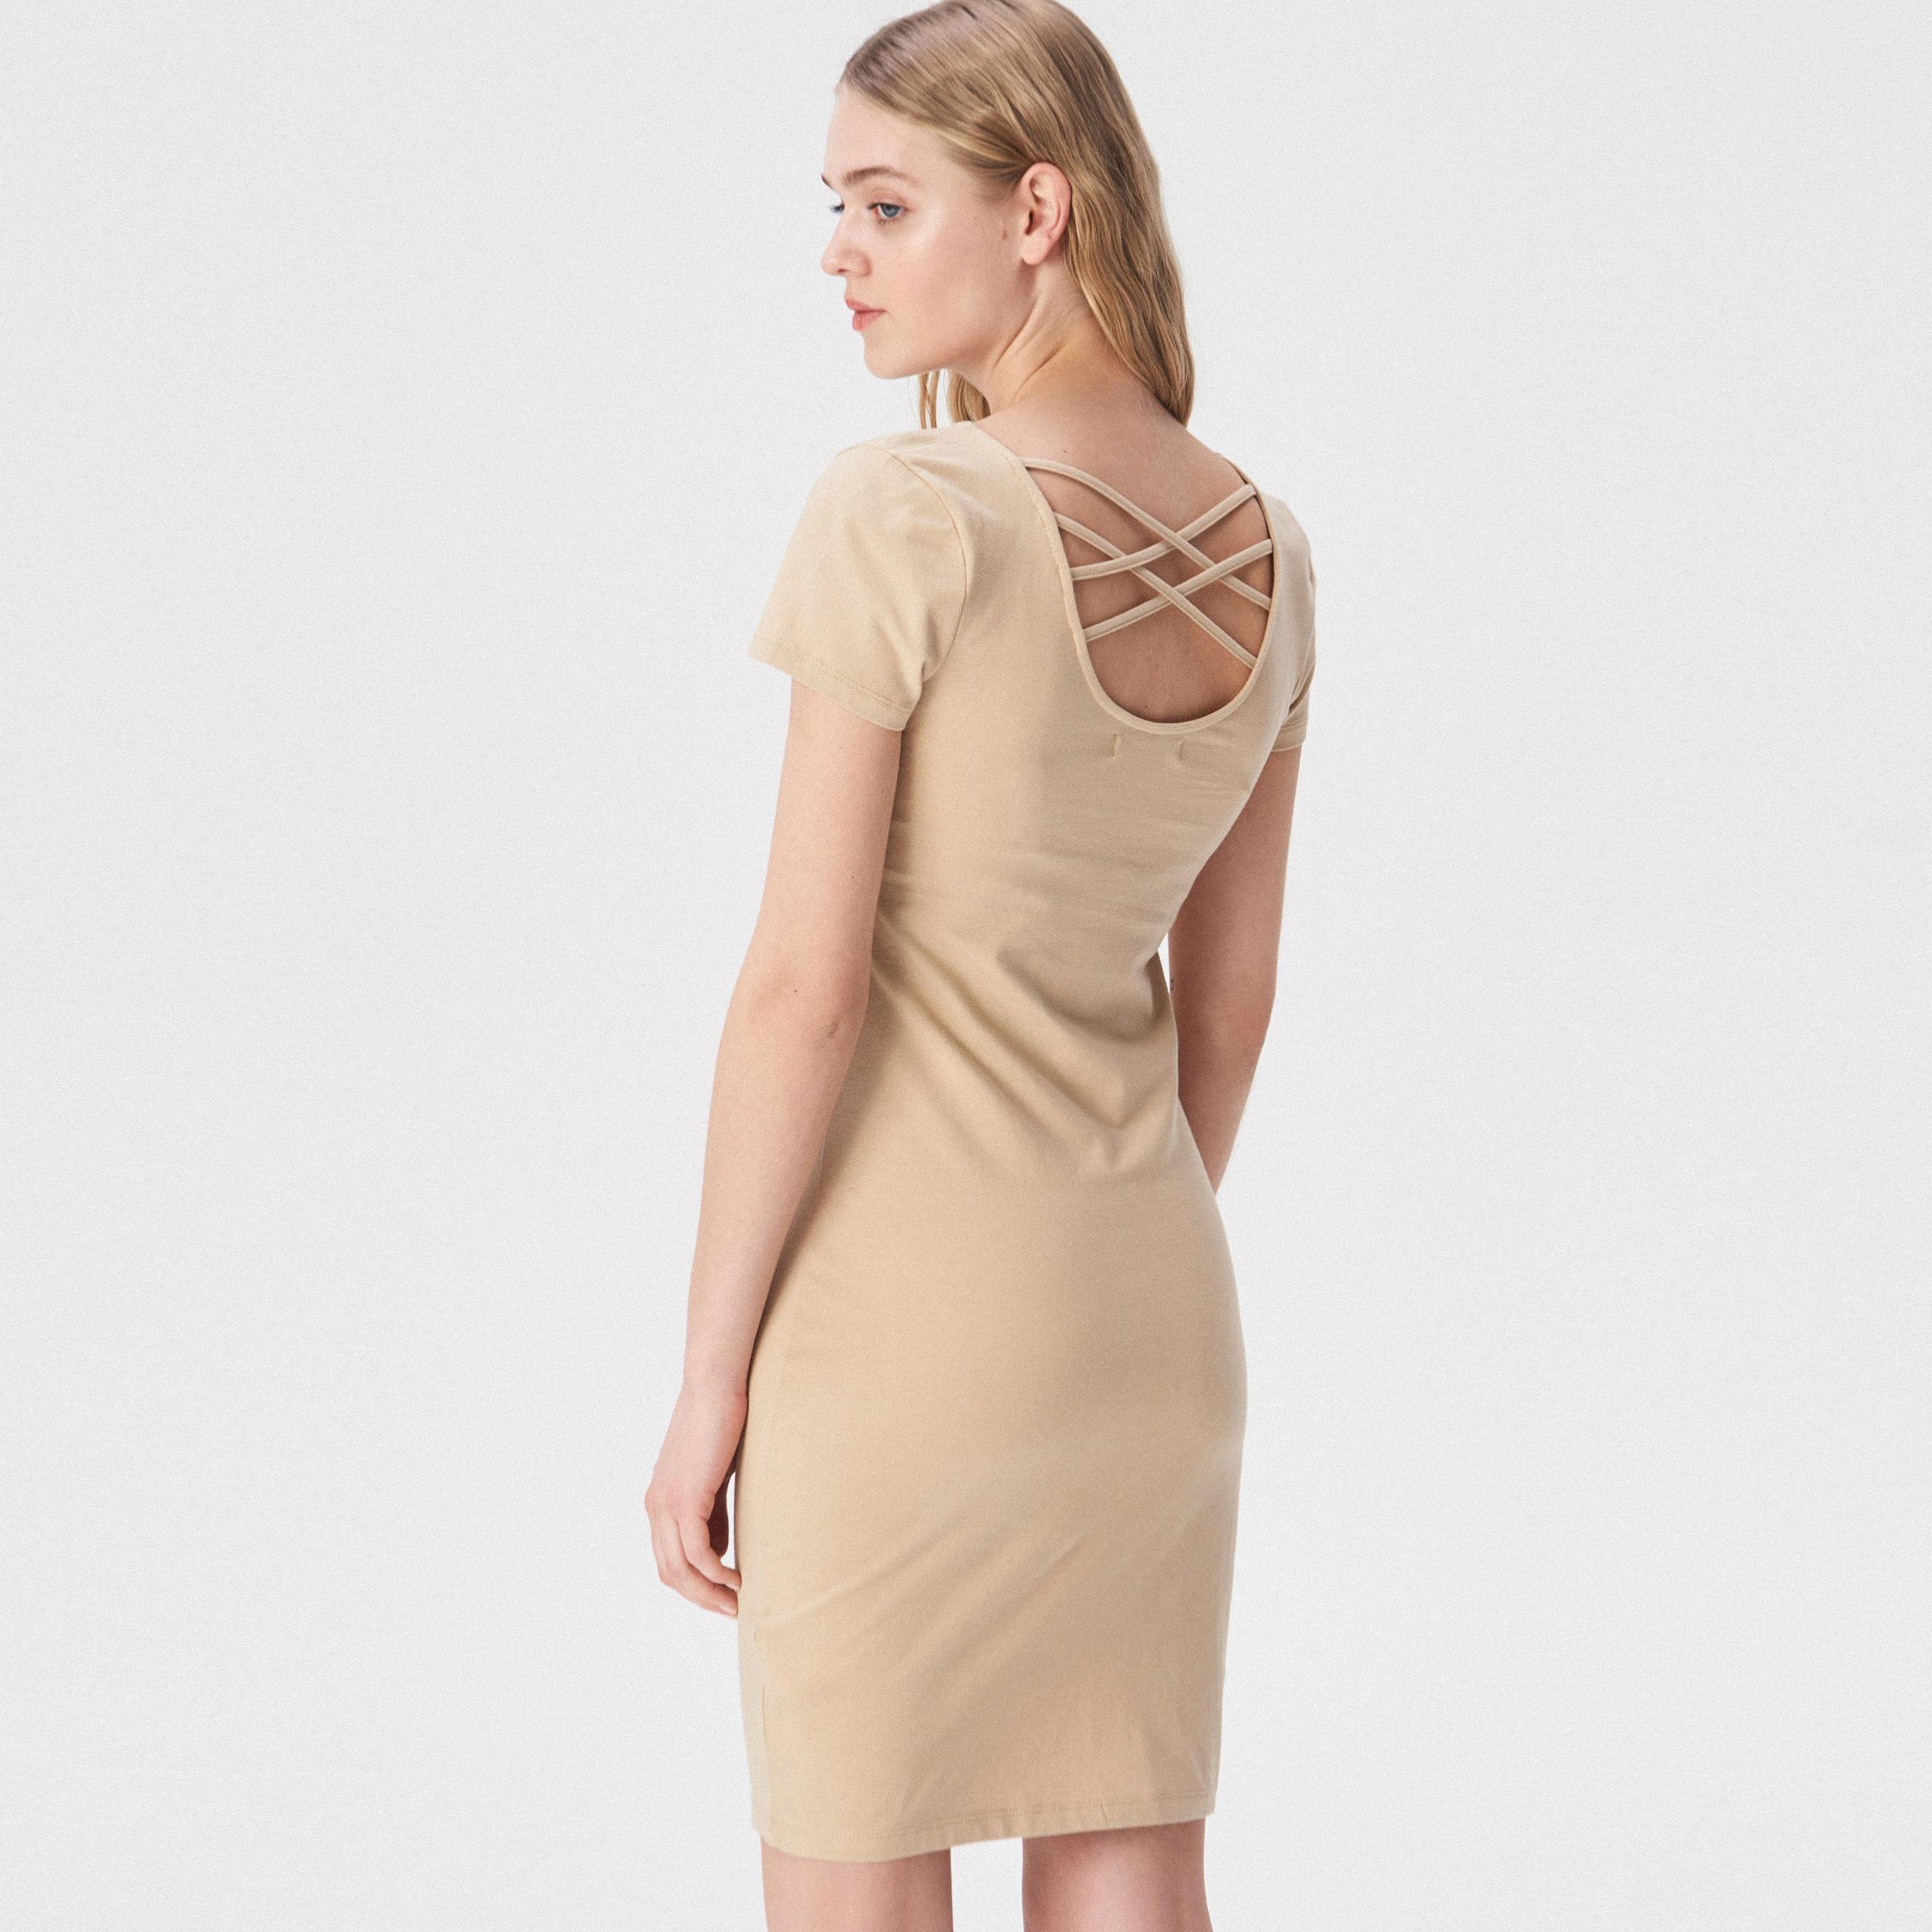 1f37322f90 Sinsay - Šaty s ozdobným výstrihom - Krémová - Glami.sk